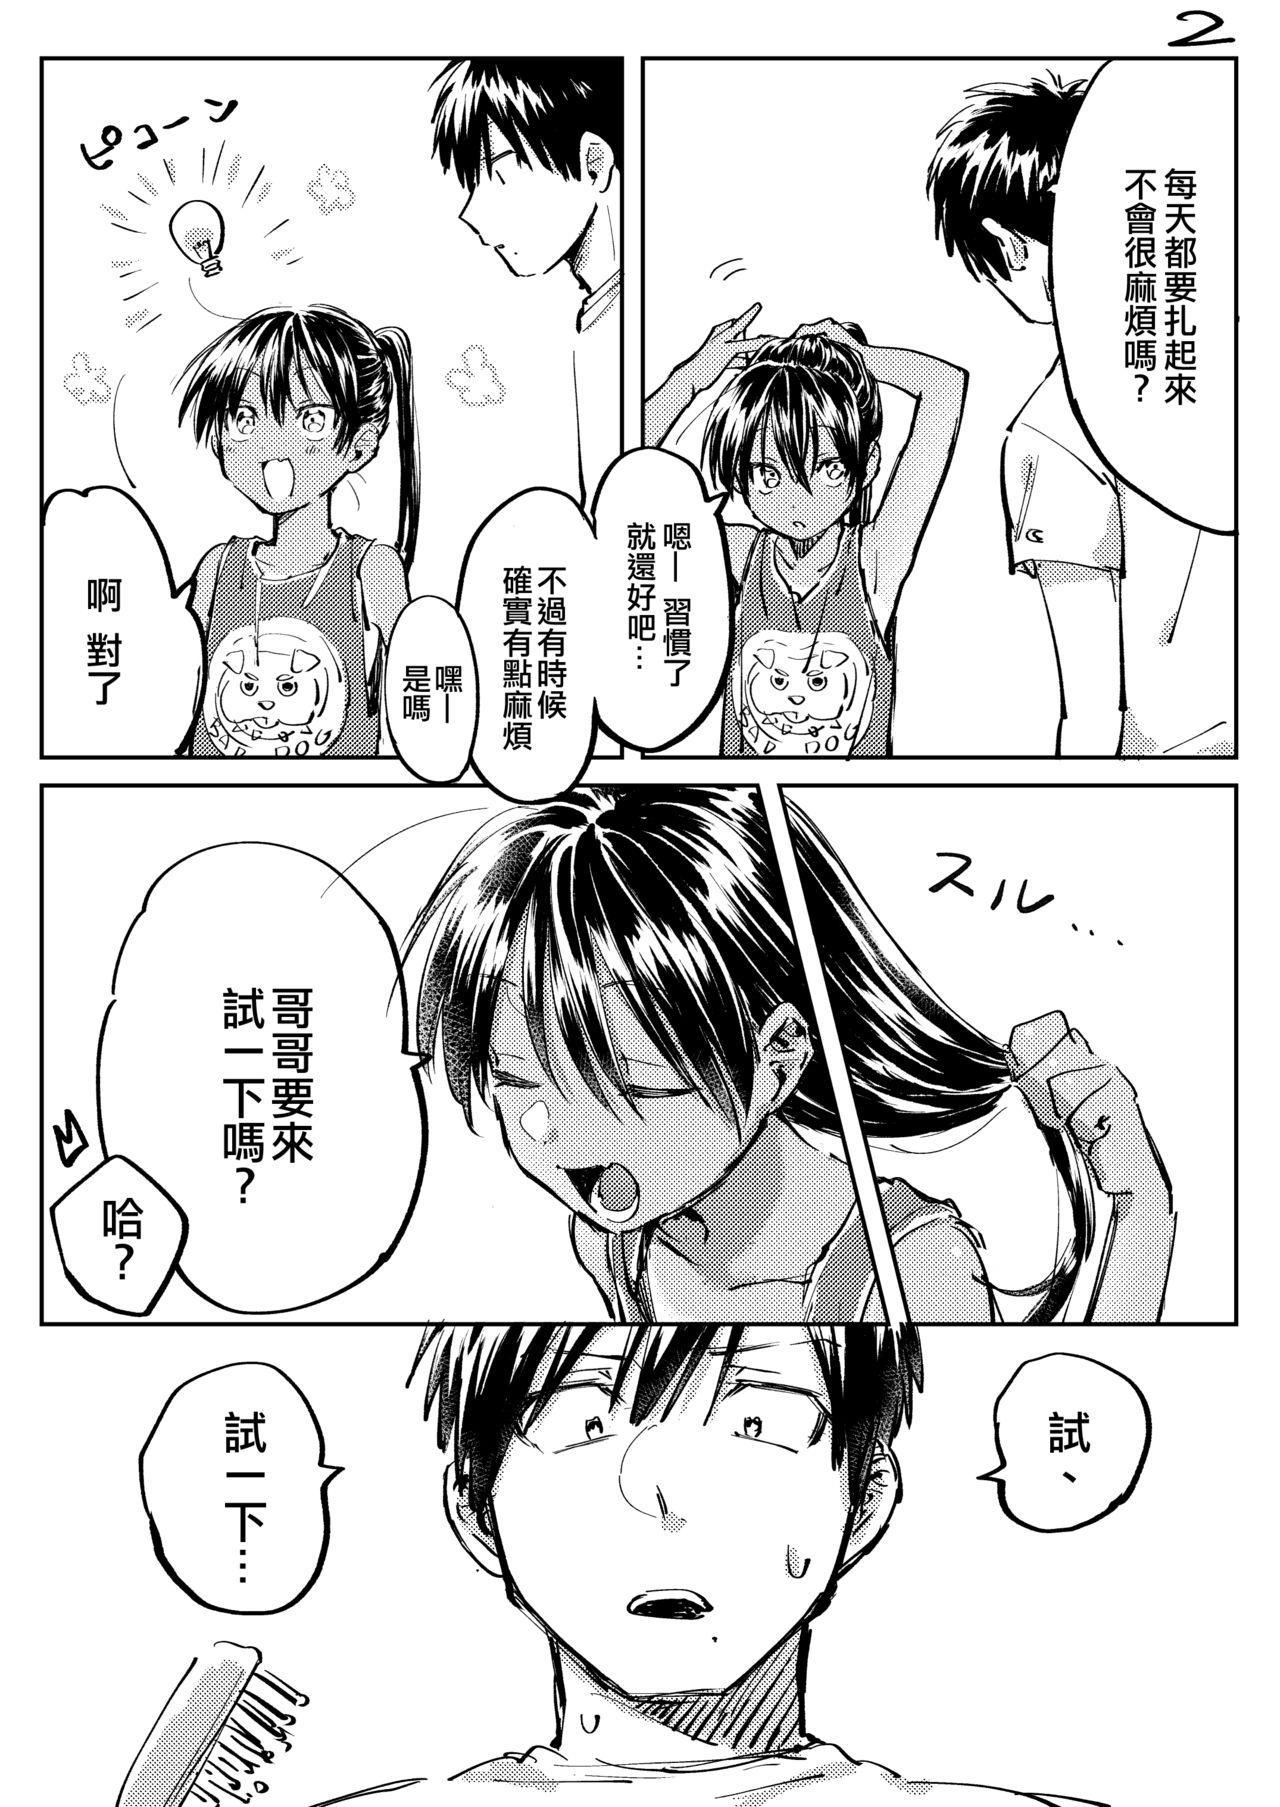 Inaka ni Kaeru to Yakeni Jiben ni Natsuita Kasshoku Ponytail Shota ga Iru 14